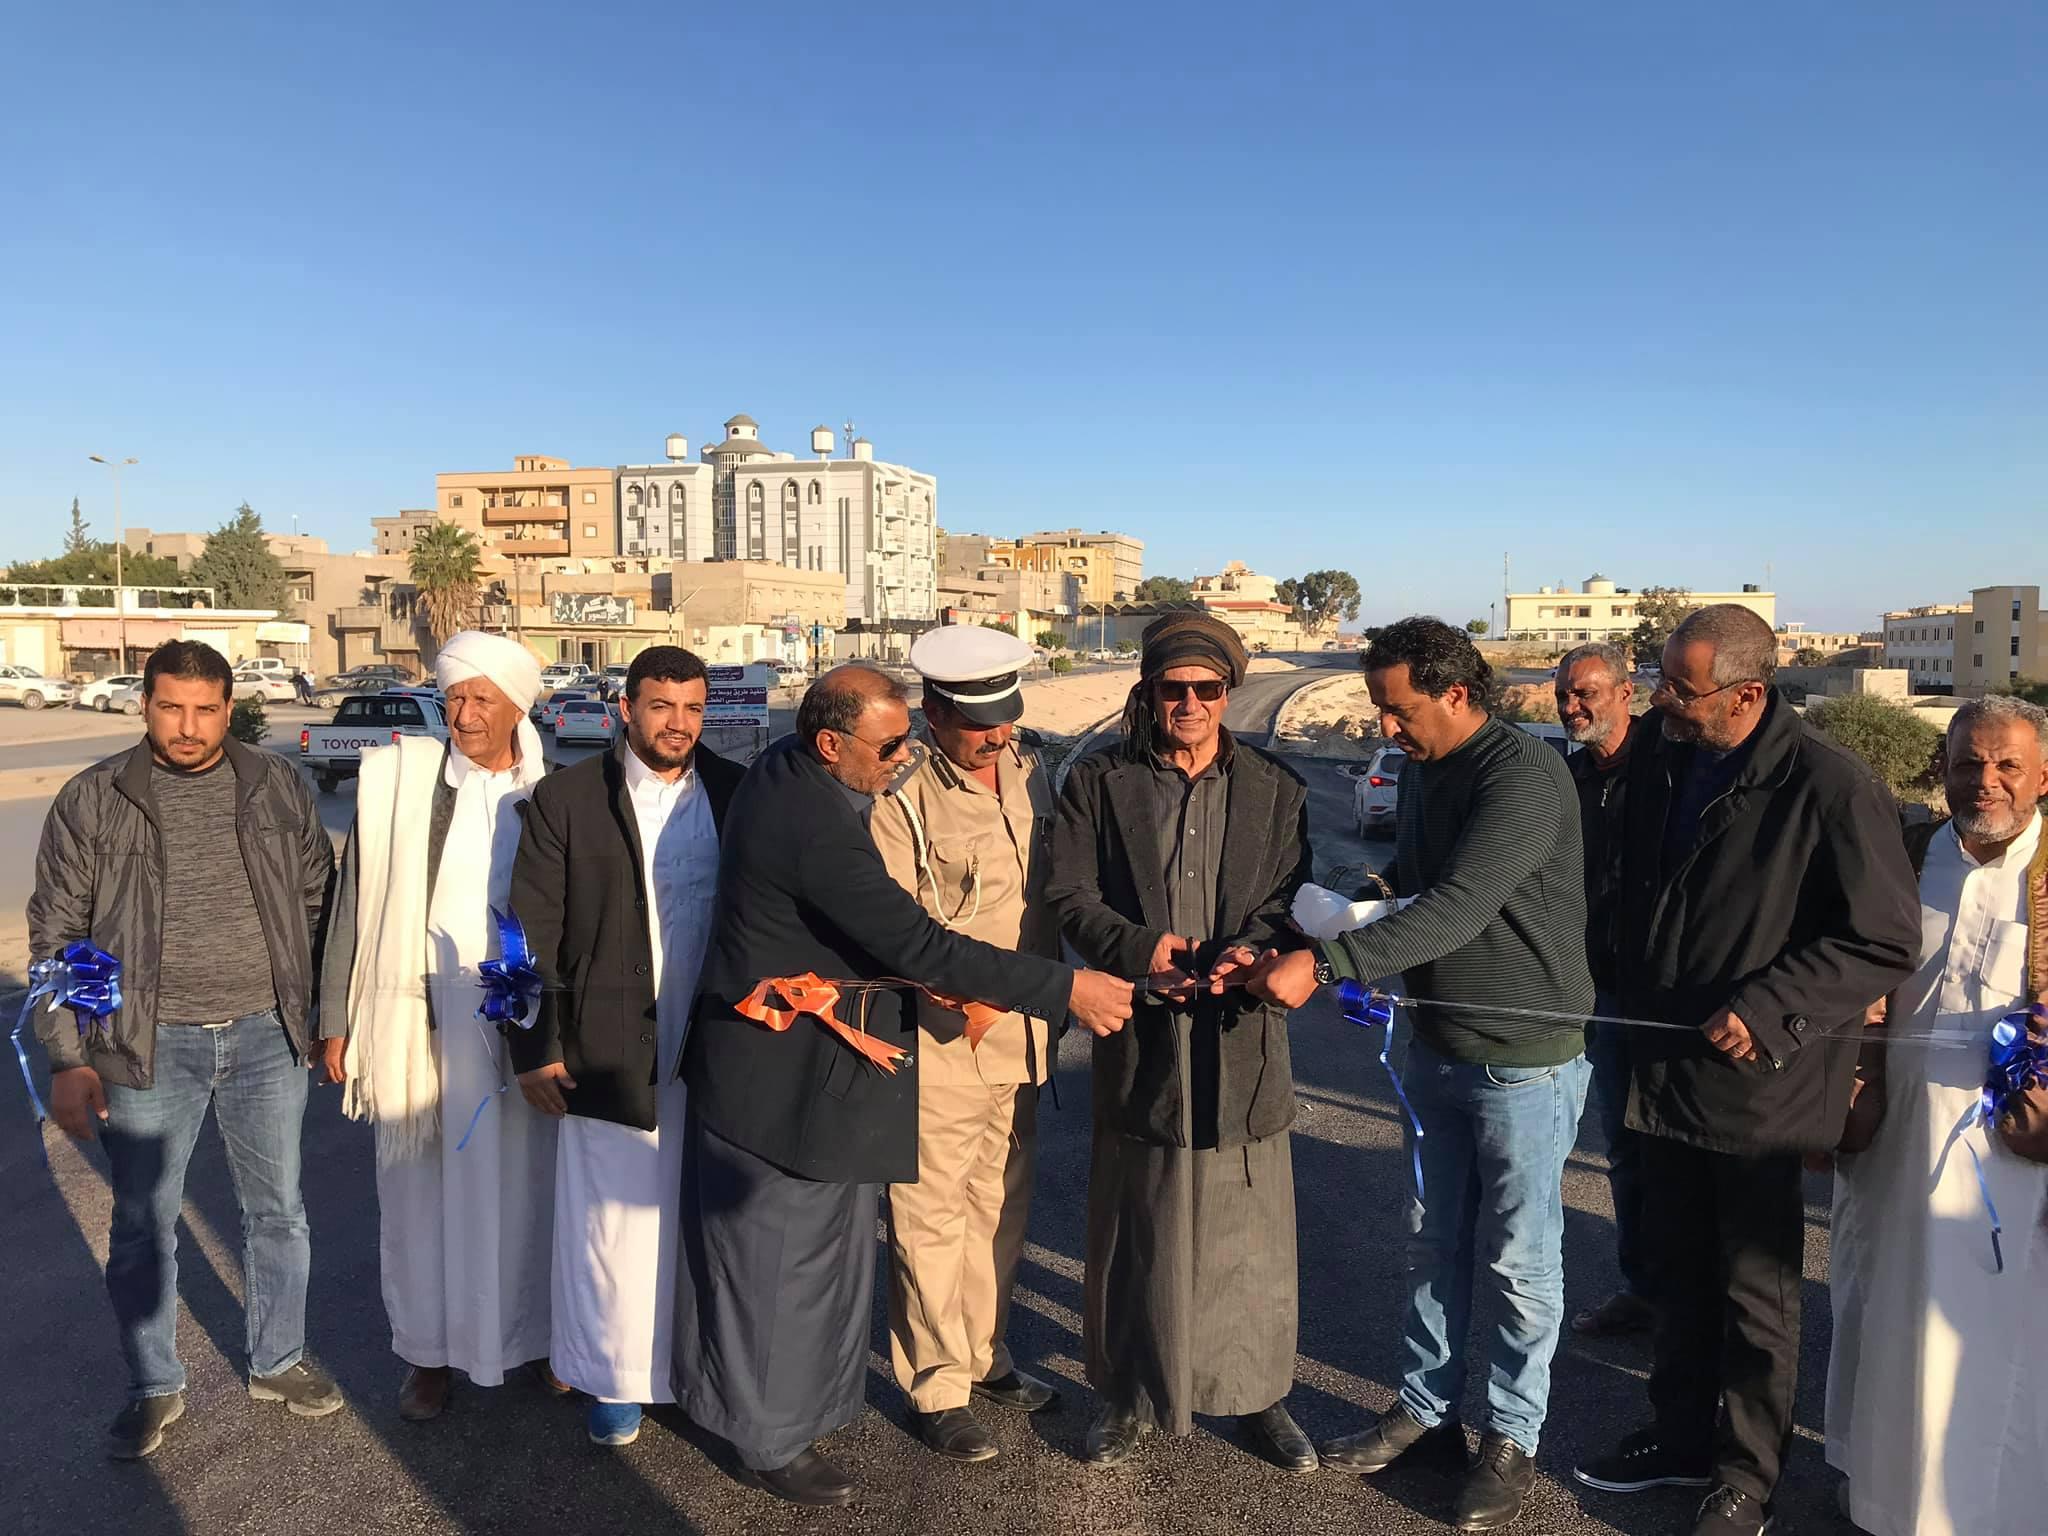 بلدية طبرق تفتتح الطريق الفرعي أمام مبنى الخطوط الليبية